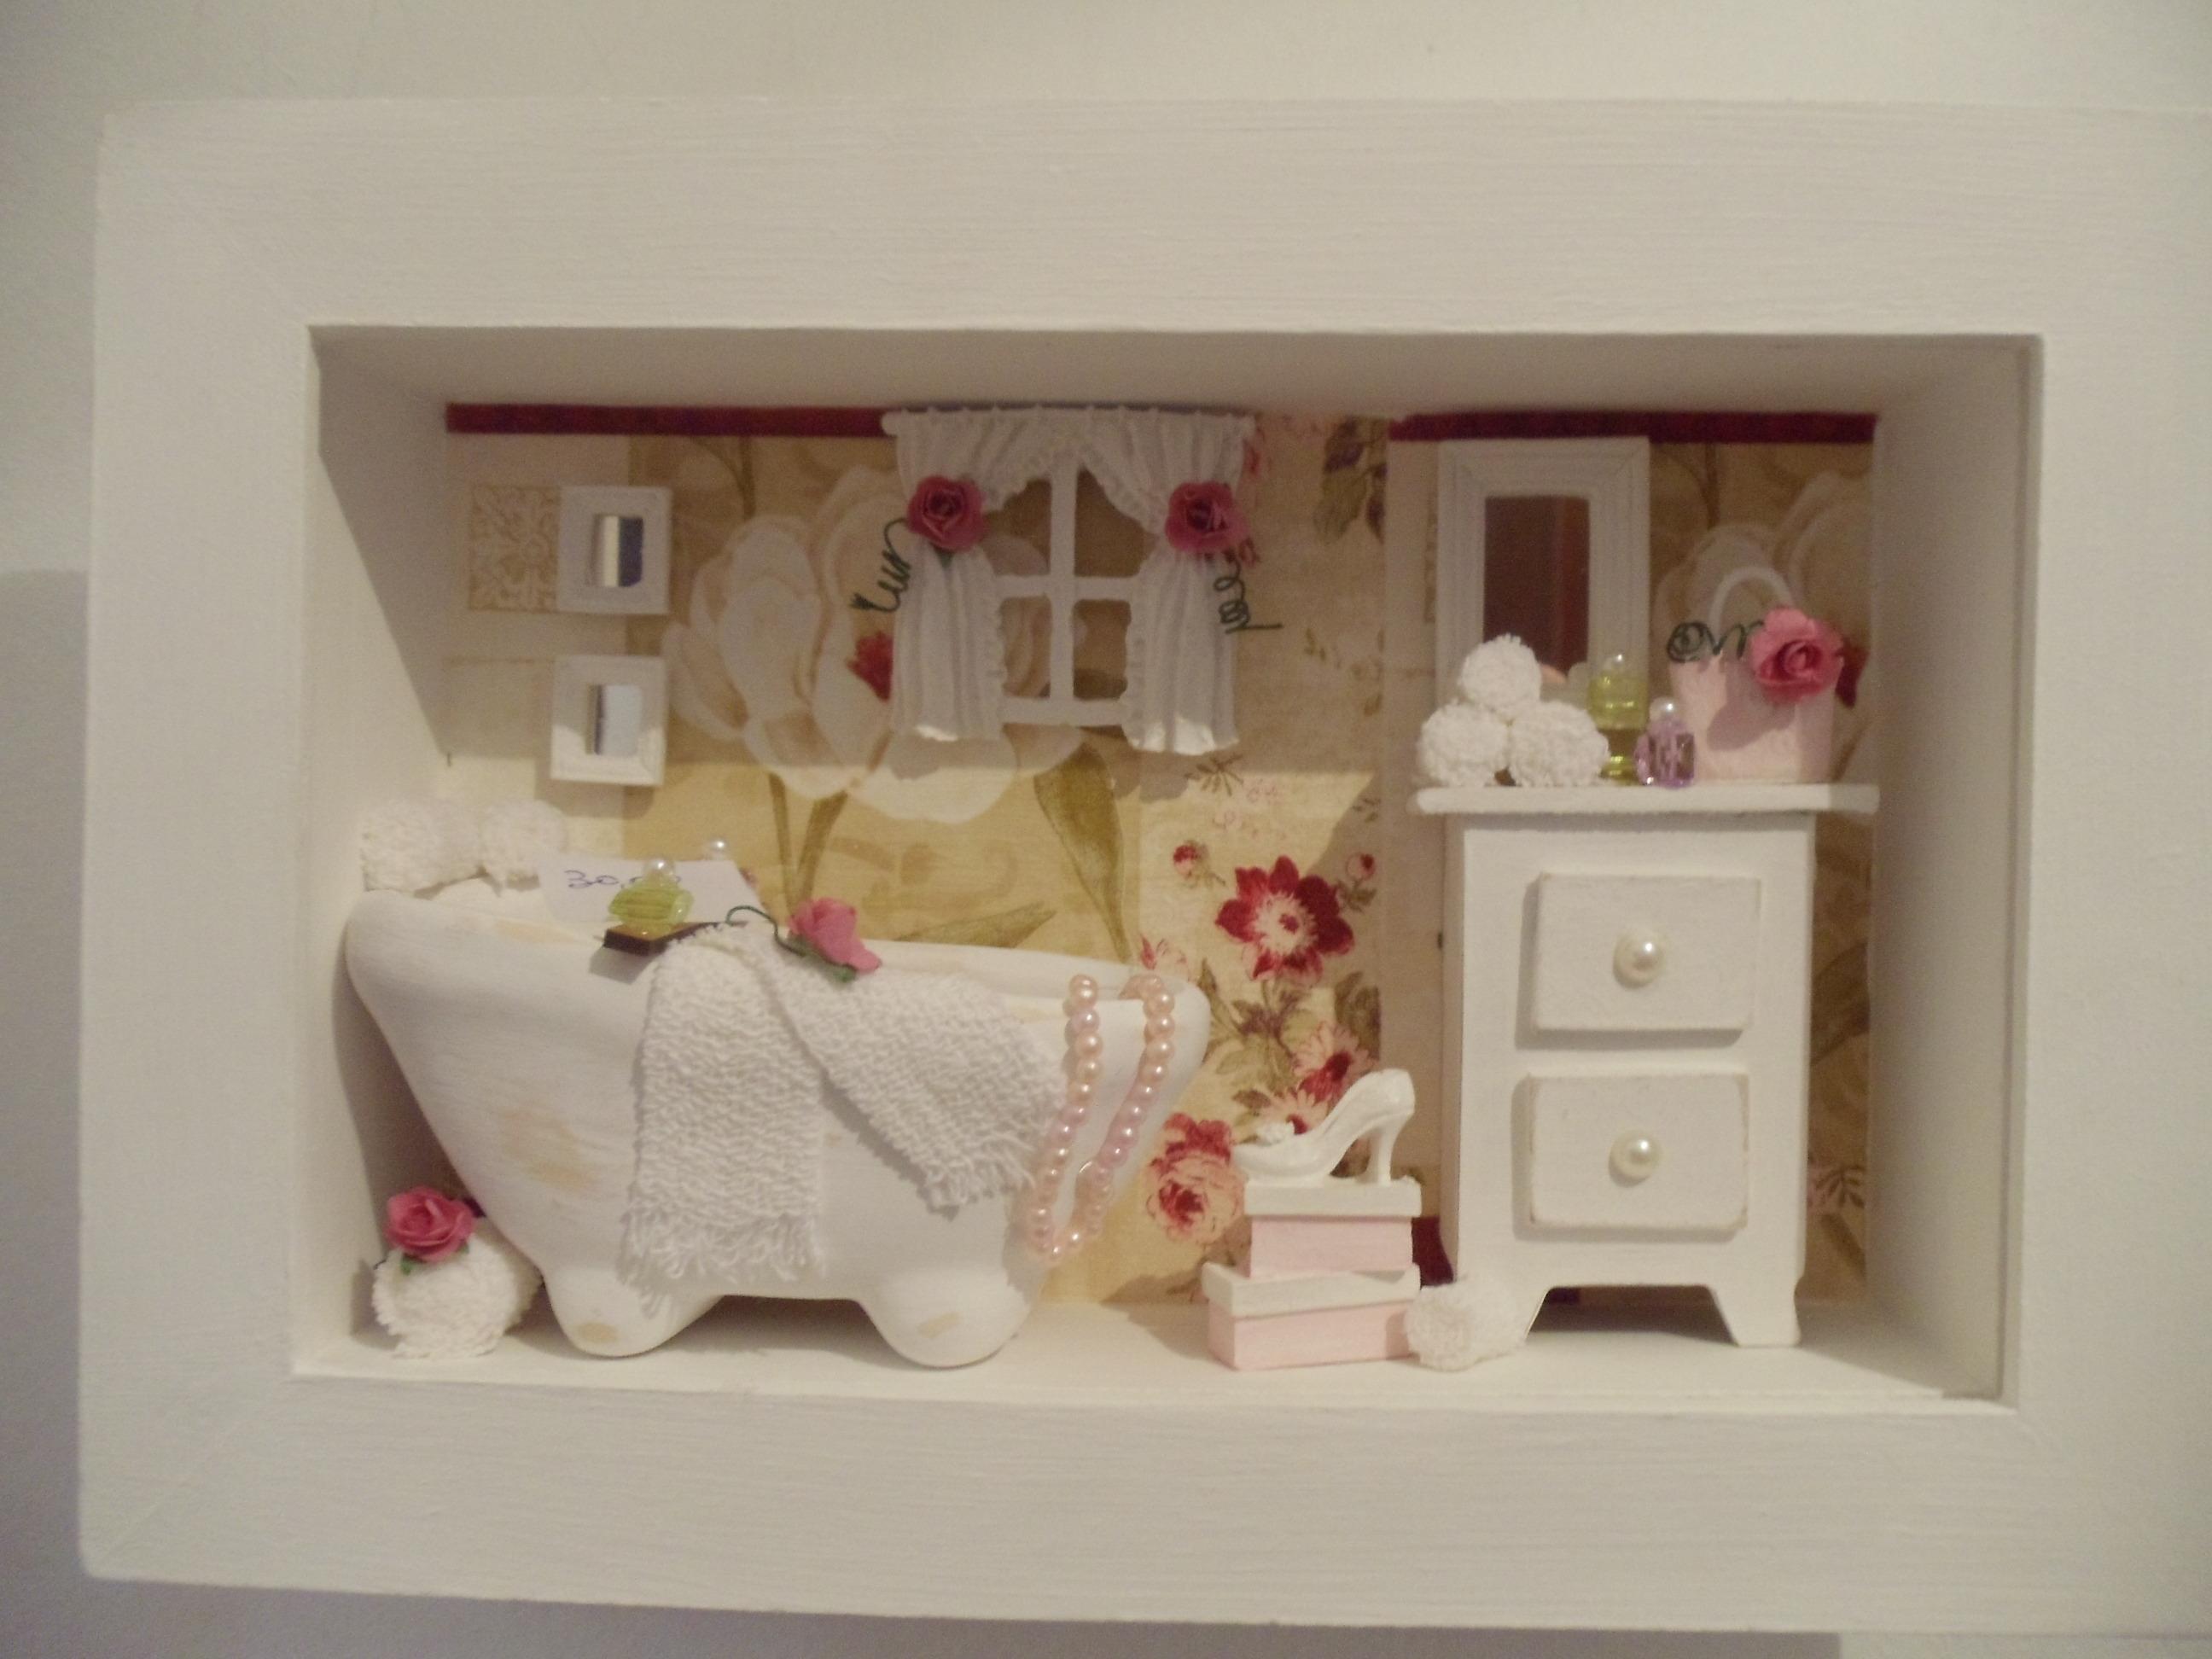 Quadro Decorativo Banheiro Chic Ateliê da Dinda Elo7 #46251C 2592x1944 Banheiro Da Barbie Para Comprar